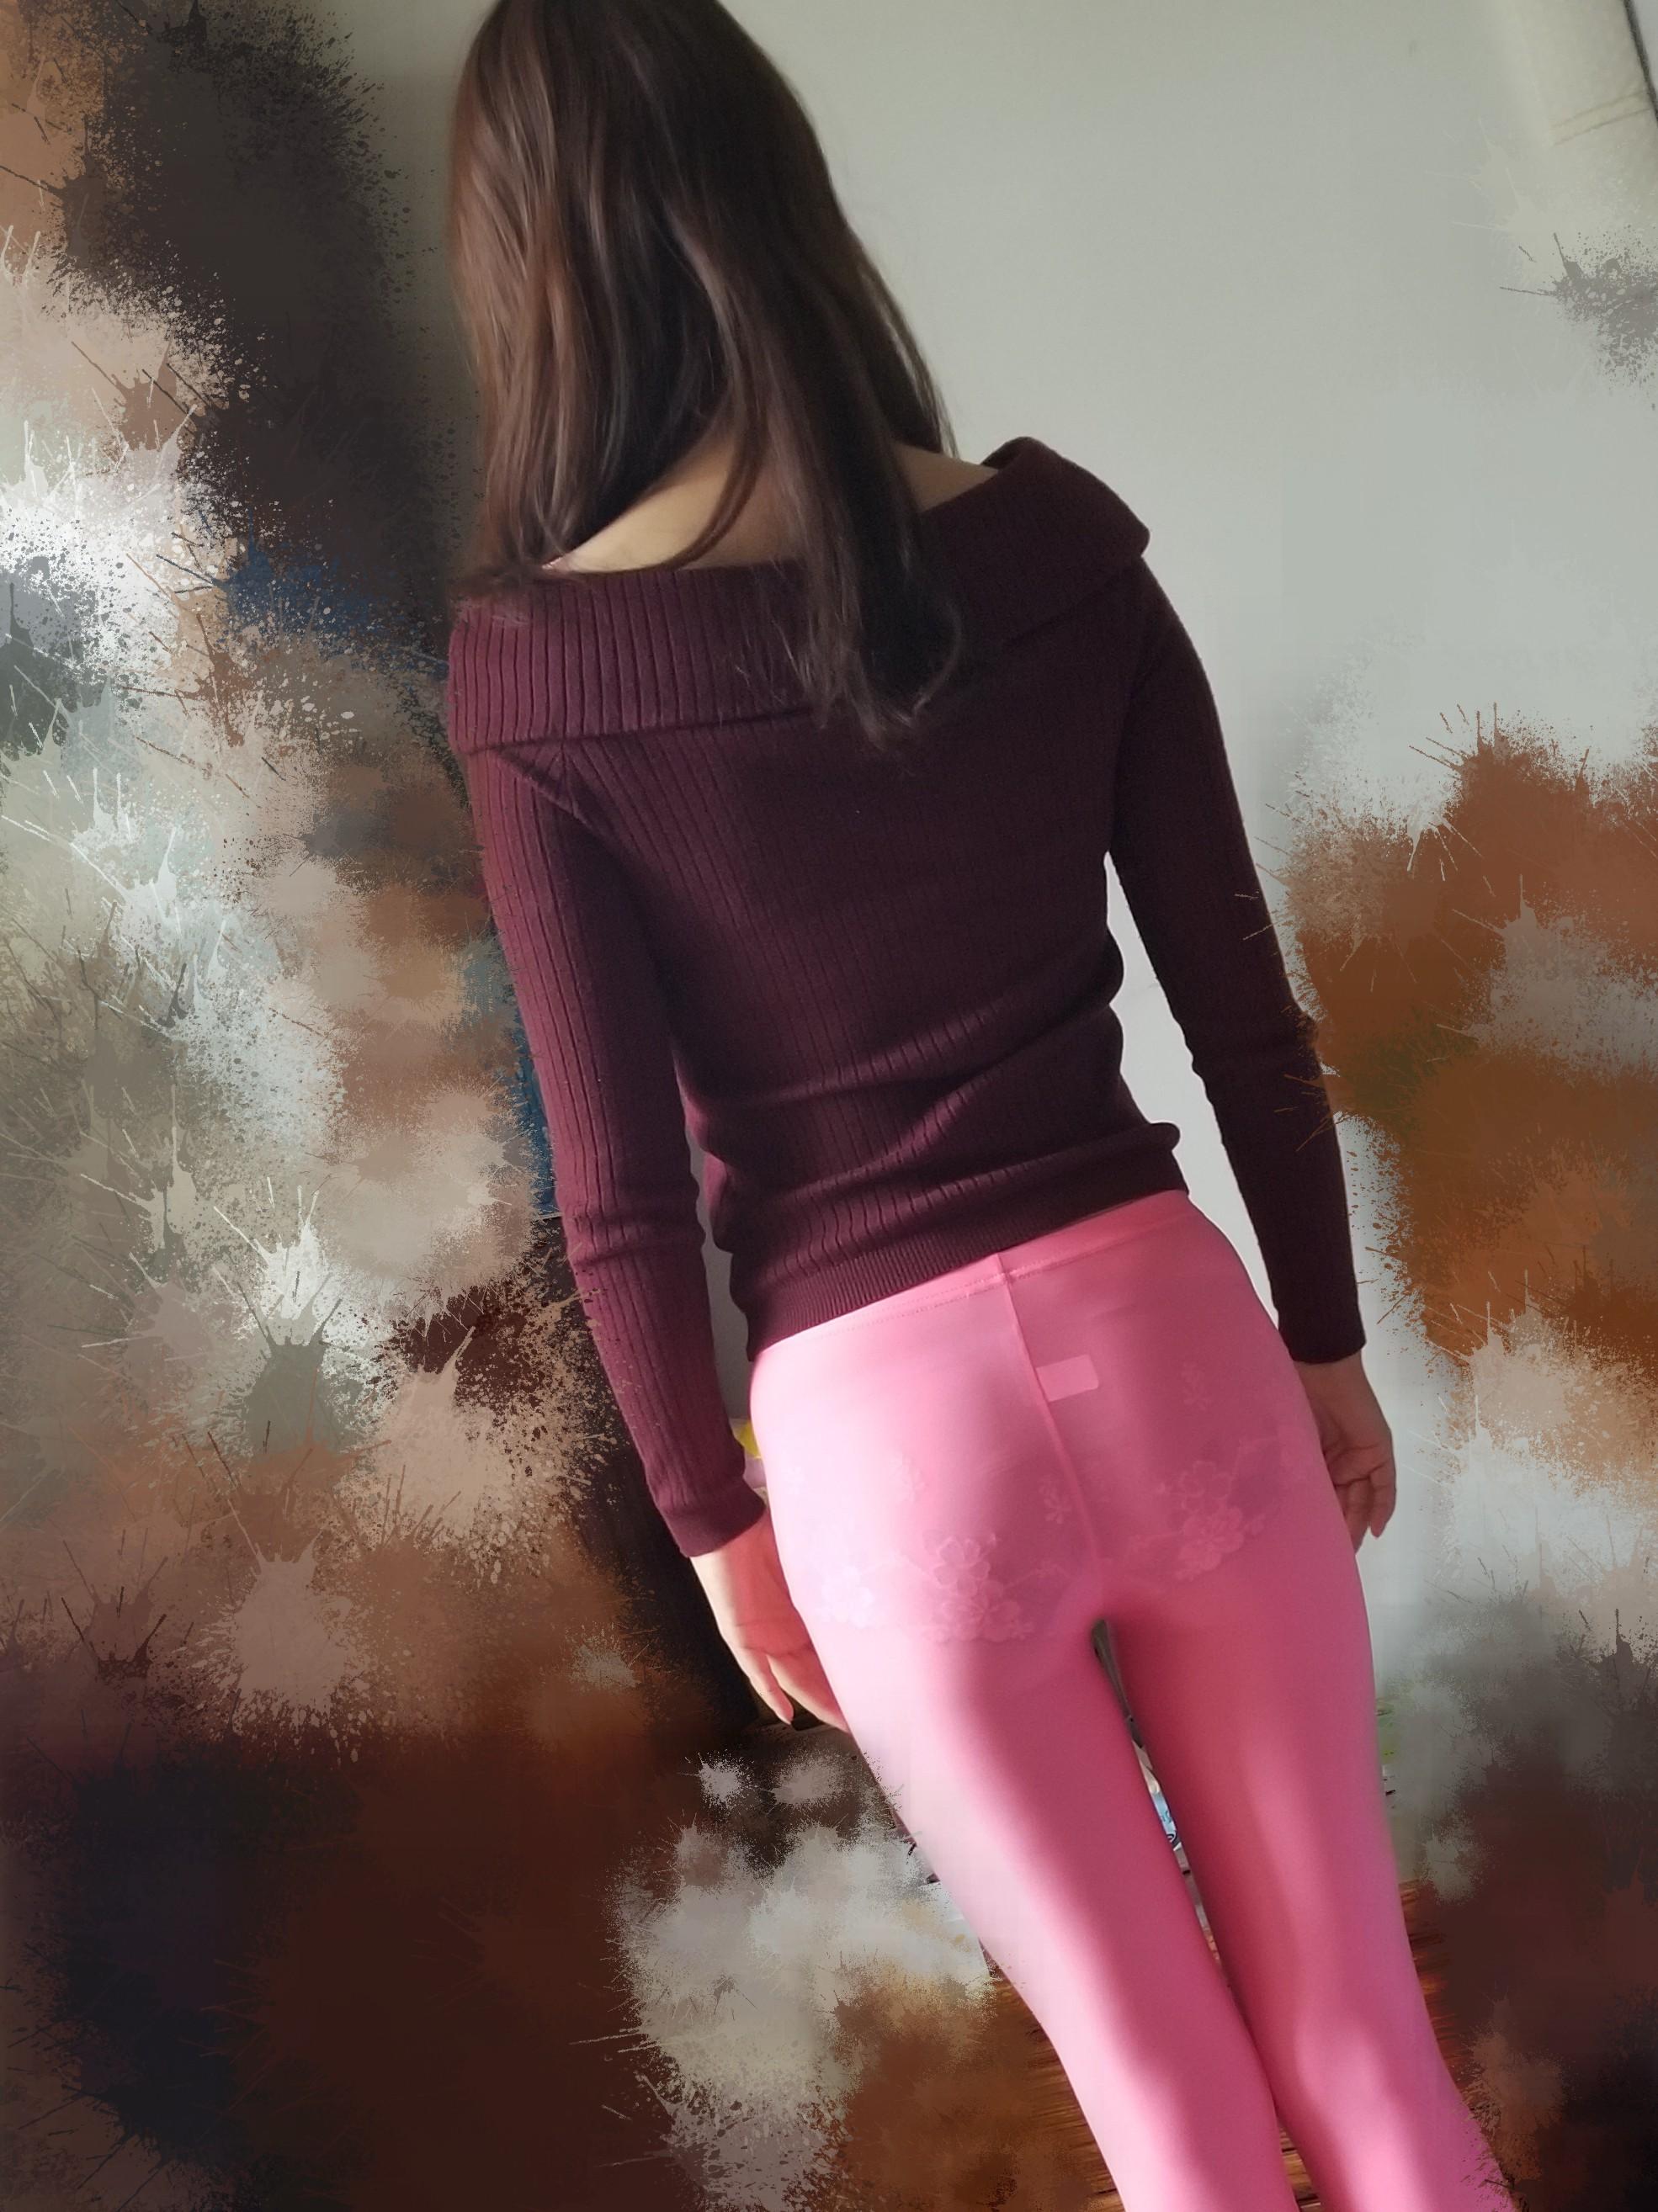 内裤和长裤都很透,很优秀!